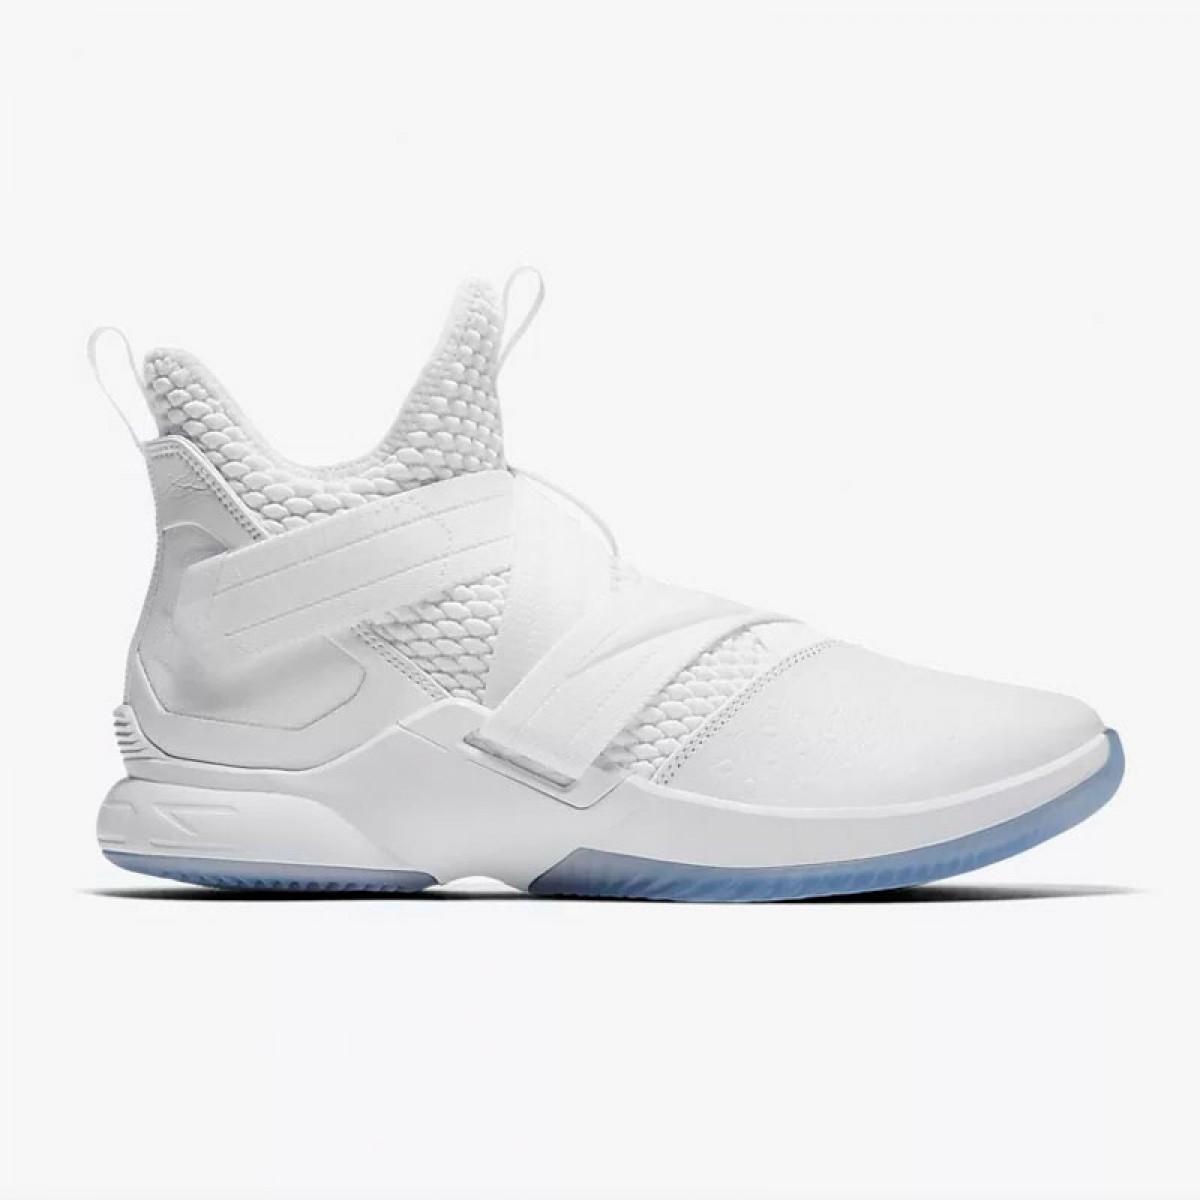 Nike Lebron Soldier XII SFG 'Triple White'